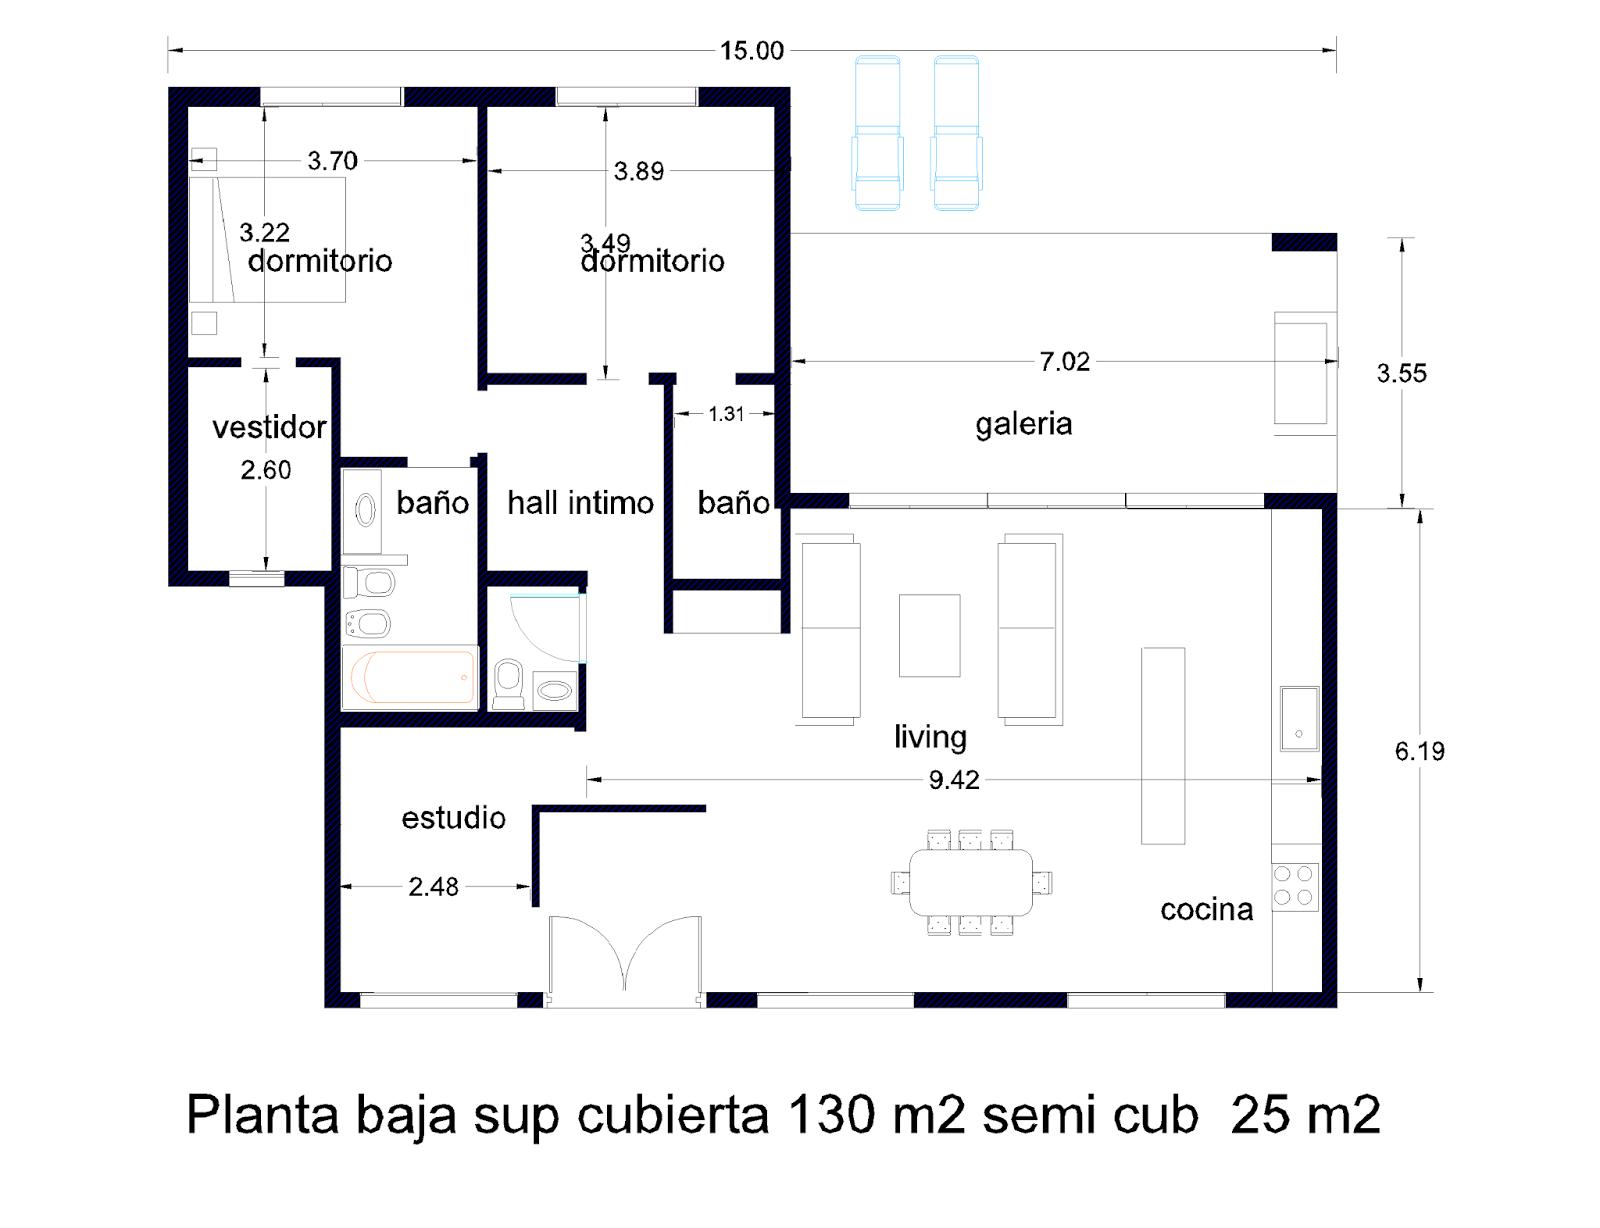 Arquitectura y dise o planos for Vivienda minimalista planos